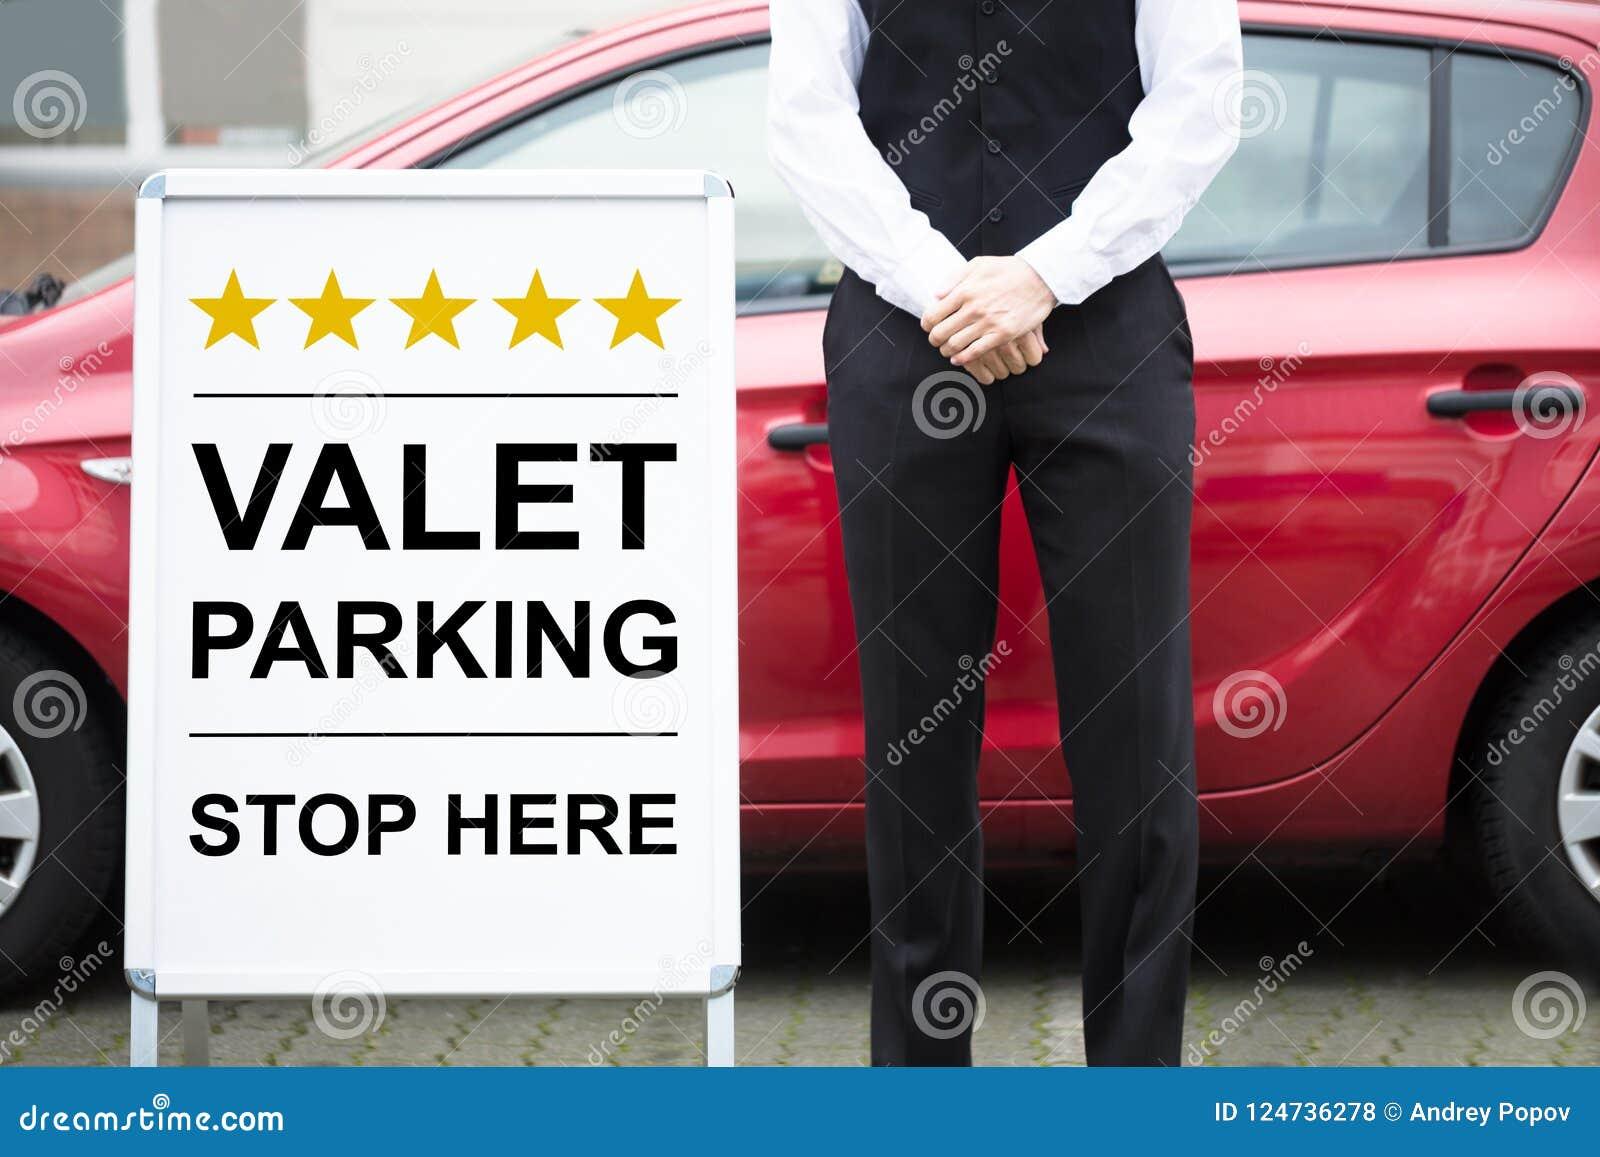 Młody Męski lokaj Stoi Blisko ostawianie samochodu na parking przez obsługę znaka